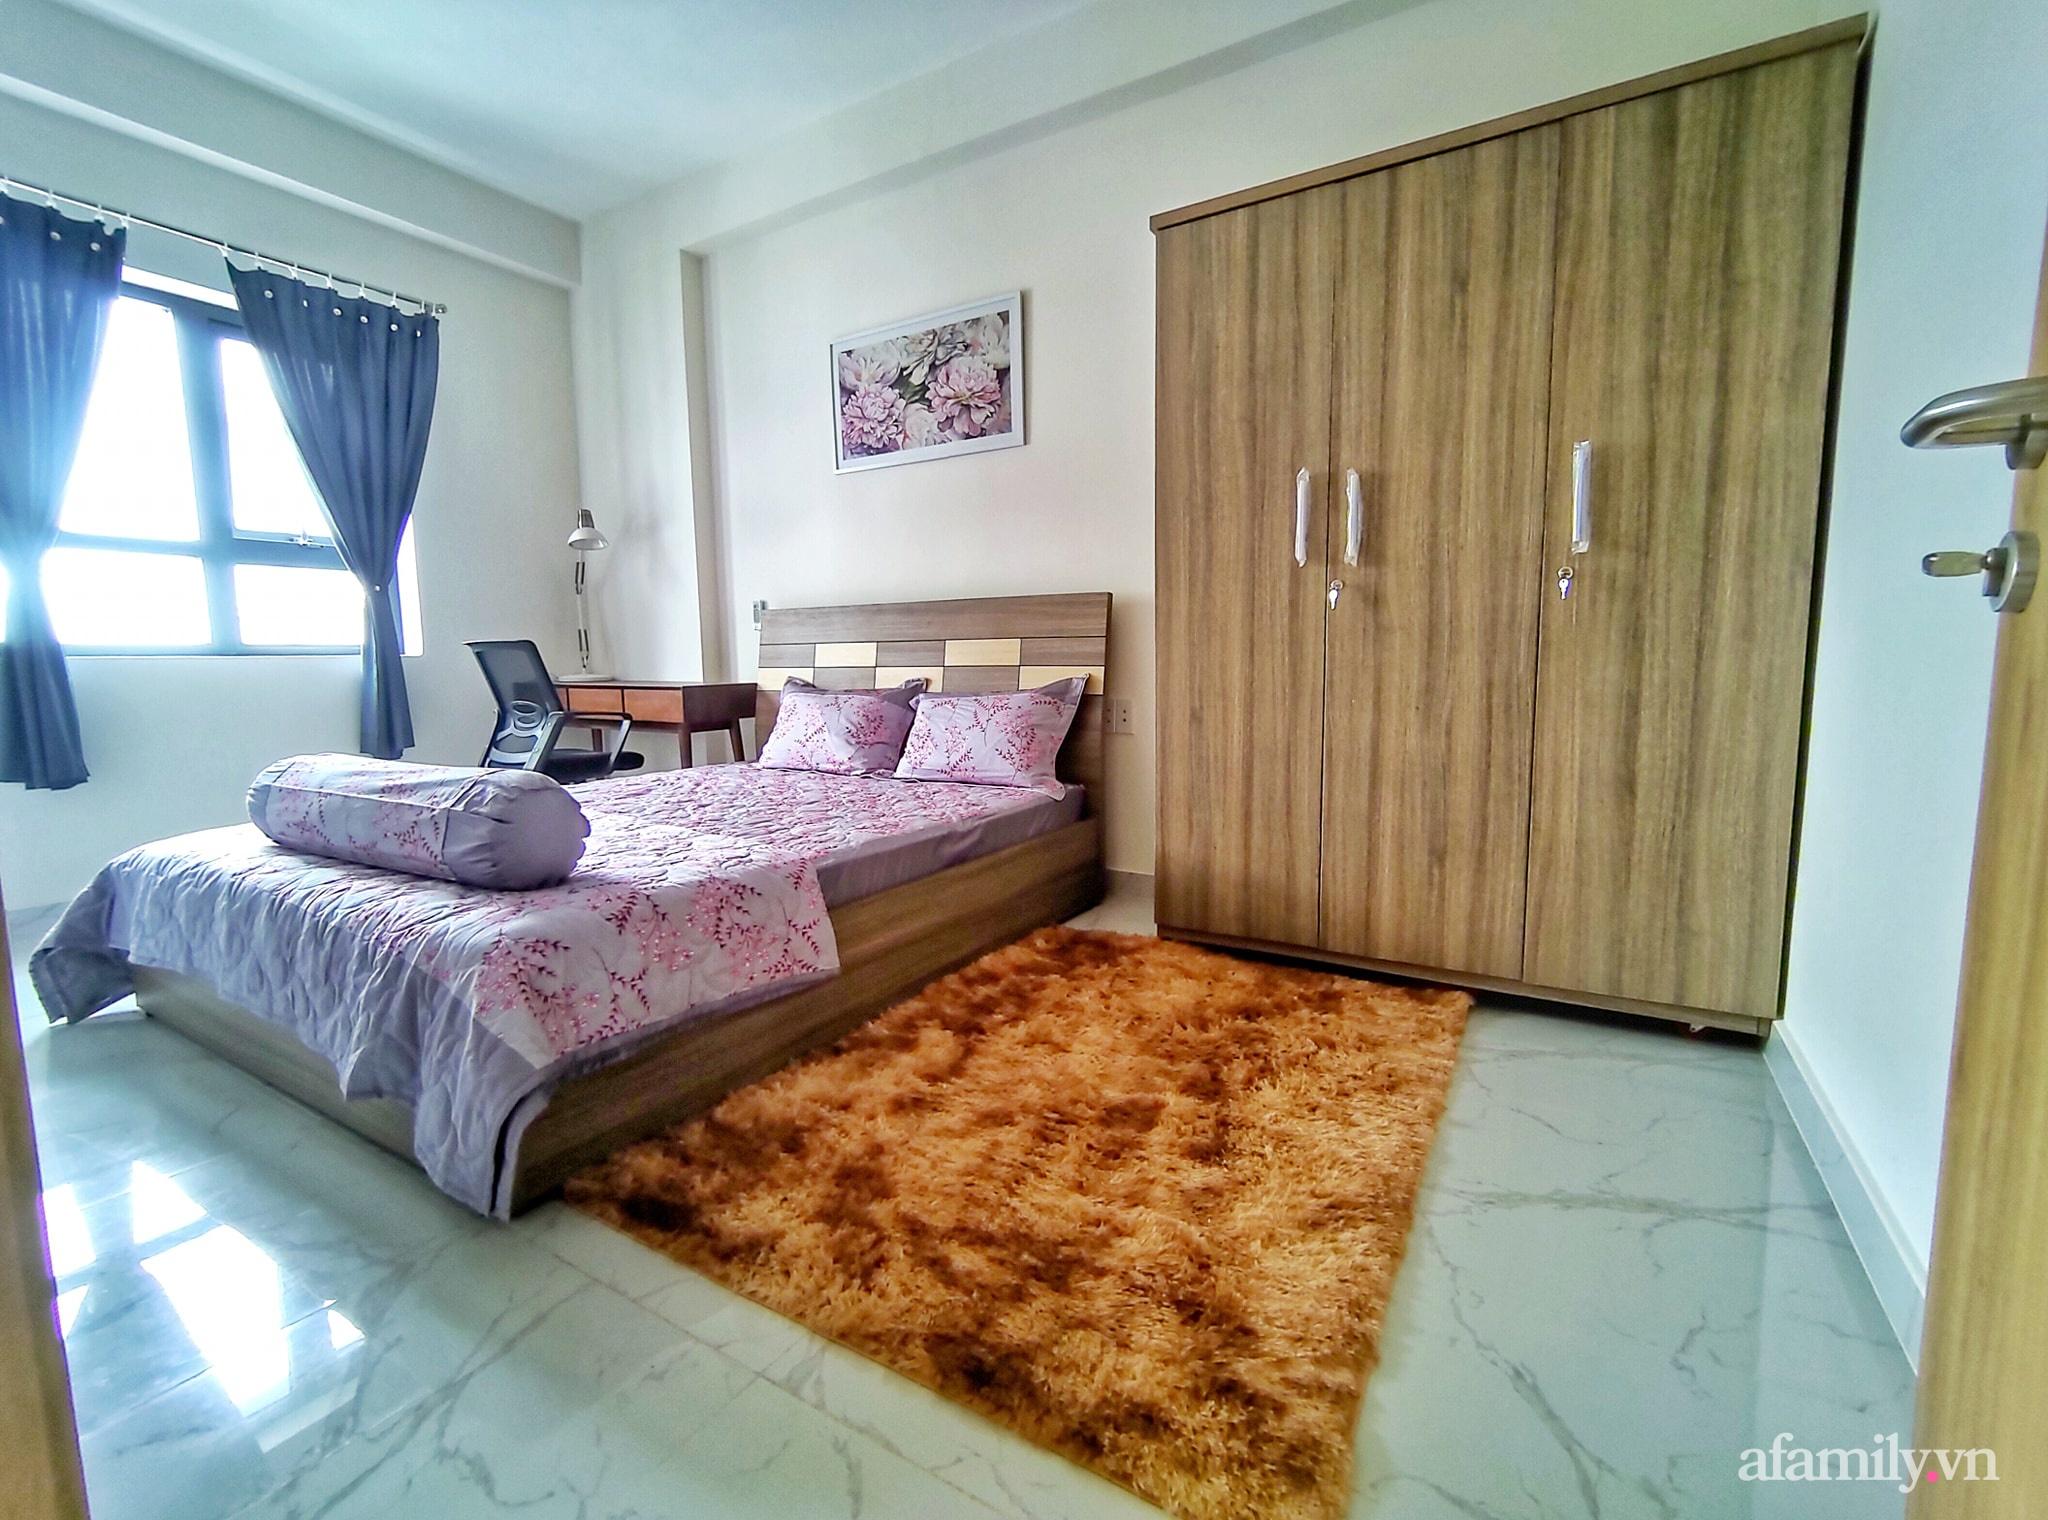 Căn hộ 70m² xanh tươi và ngập tràn ánh sáng với tổng chi phí đầu tư chỉ 46 triệu đồng của chàng trai độc thân ở Sài Gòn - Ảnh 12.